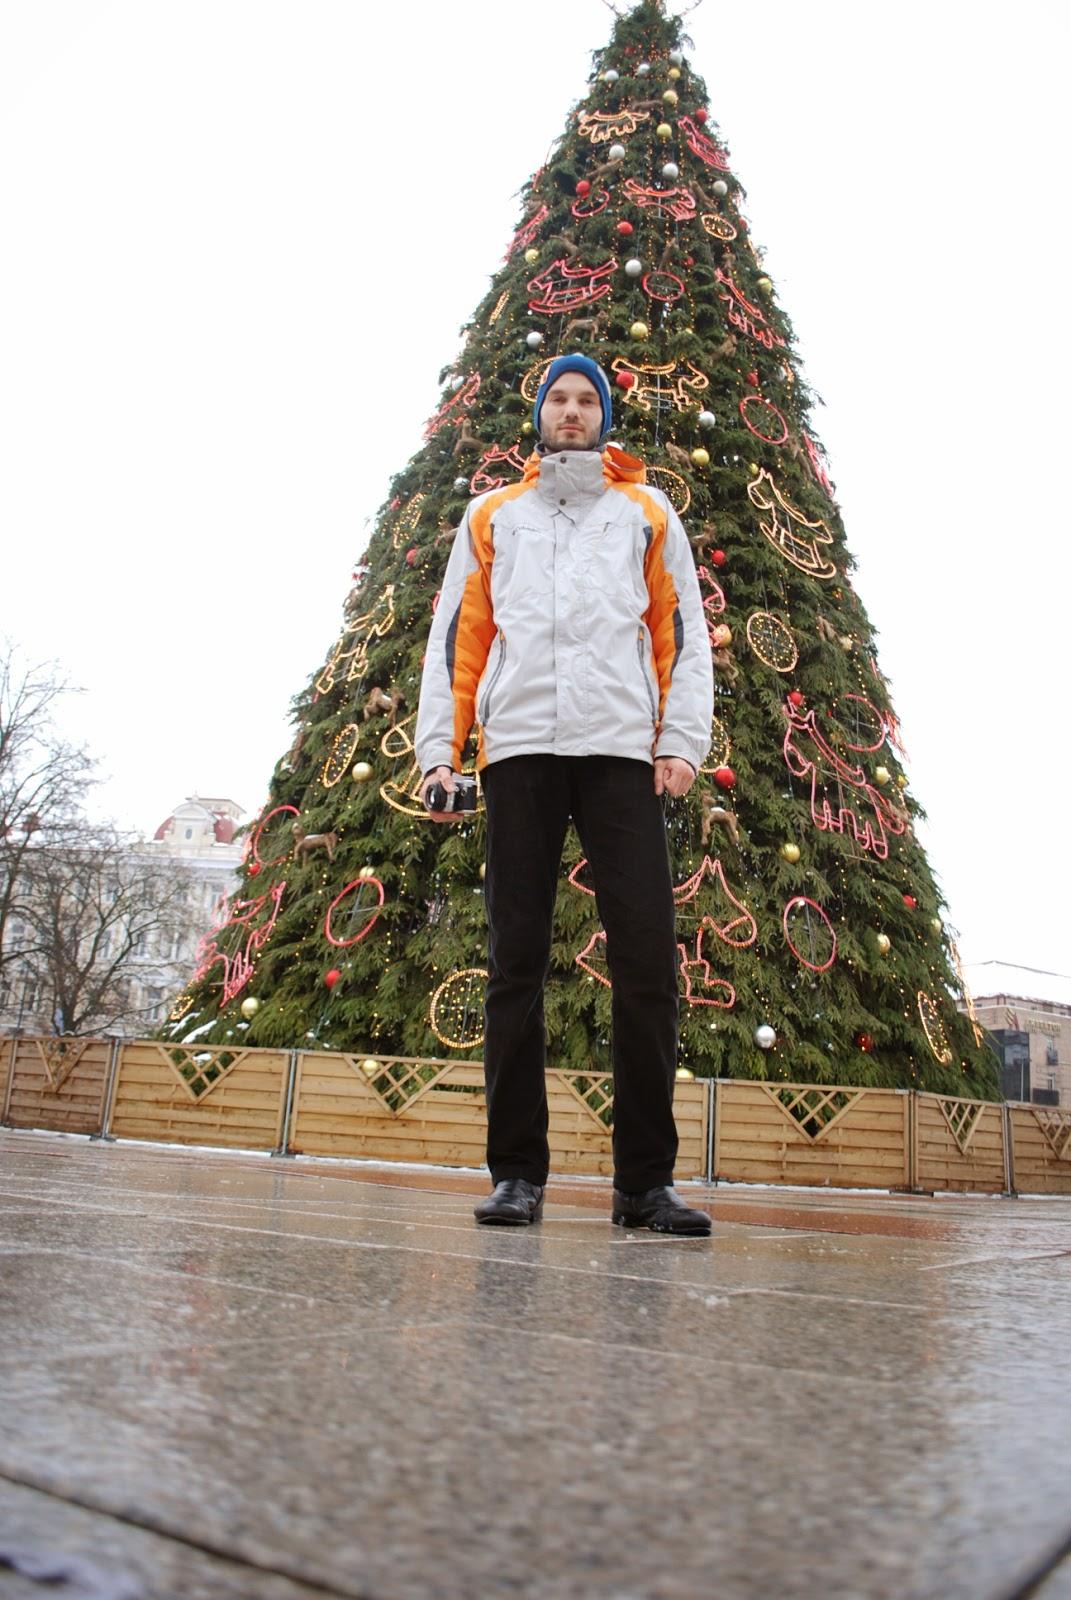 Андрей и главная елка Вильнюса:)